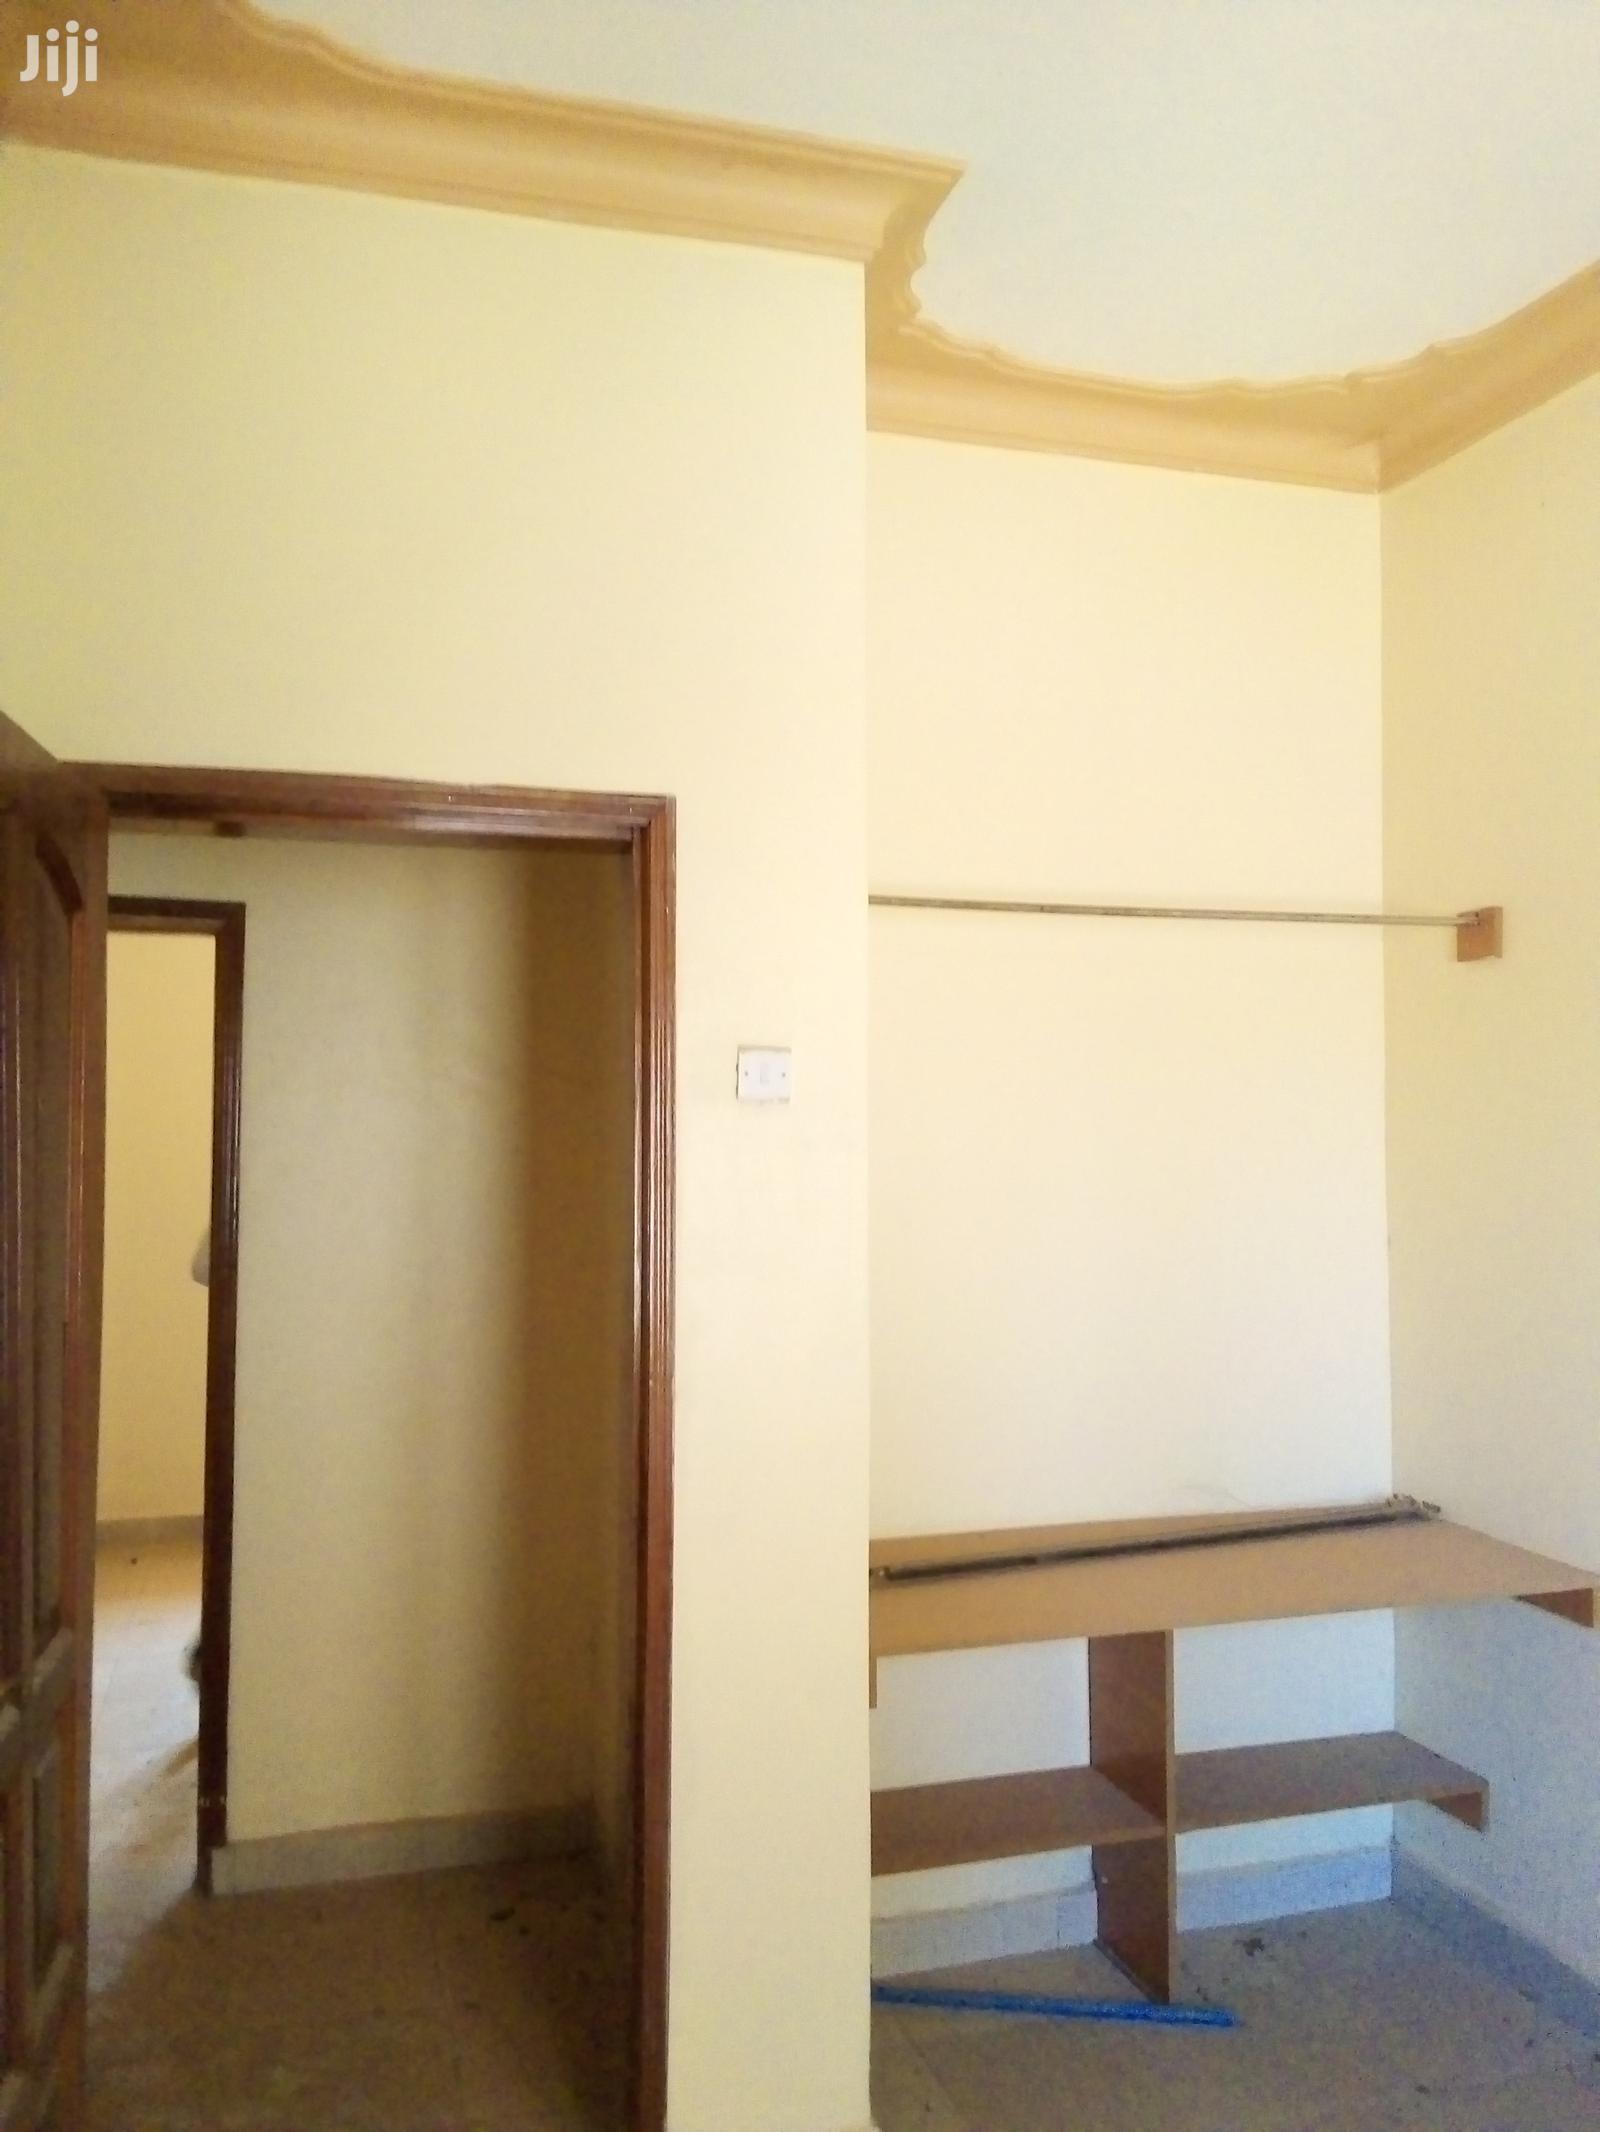 Archive: Najjera 2 Bedroom House For Rent 9